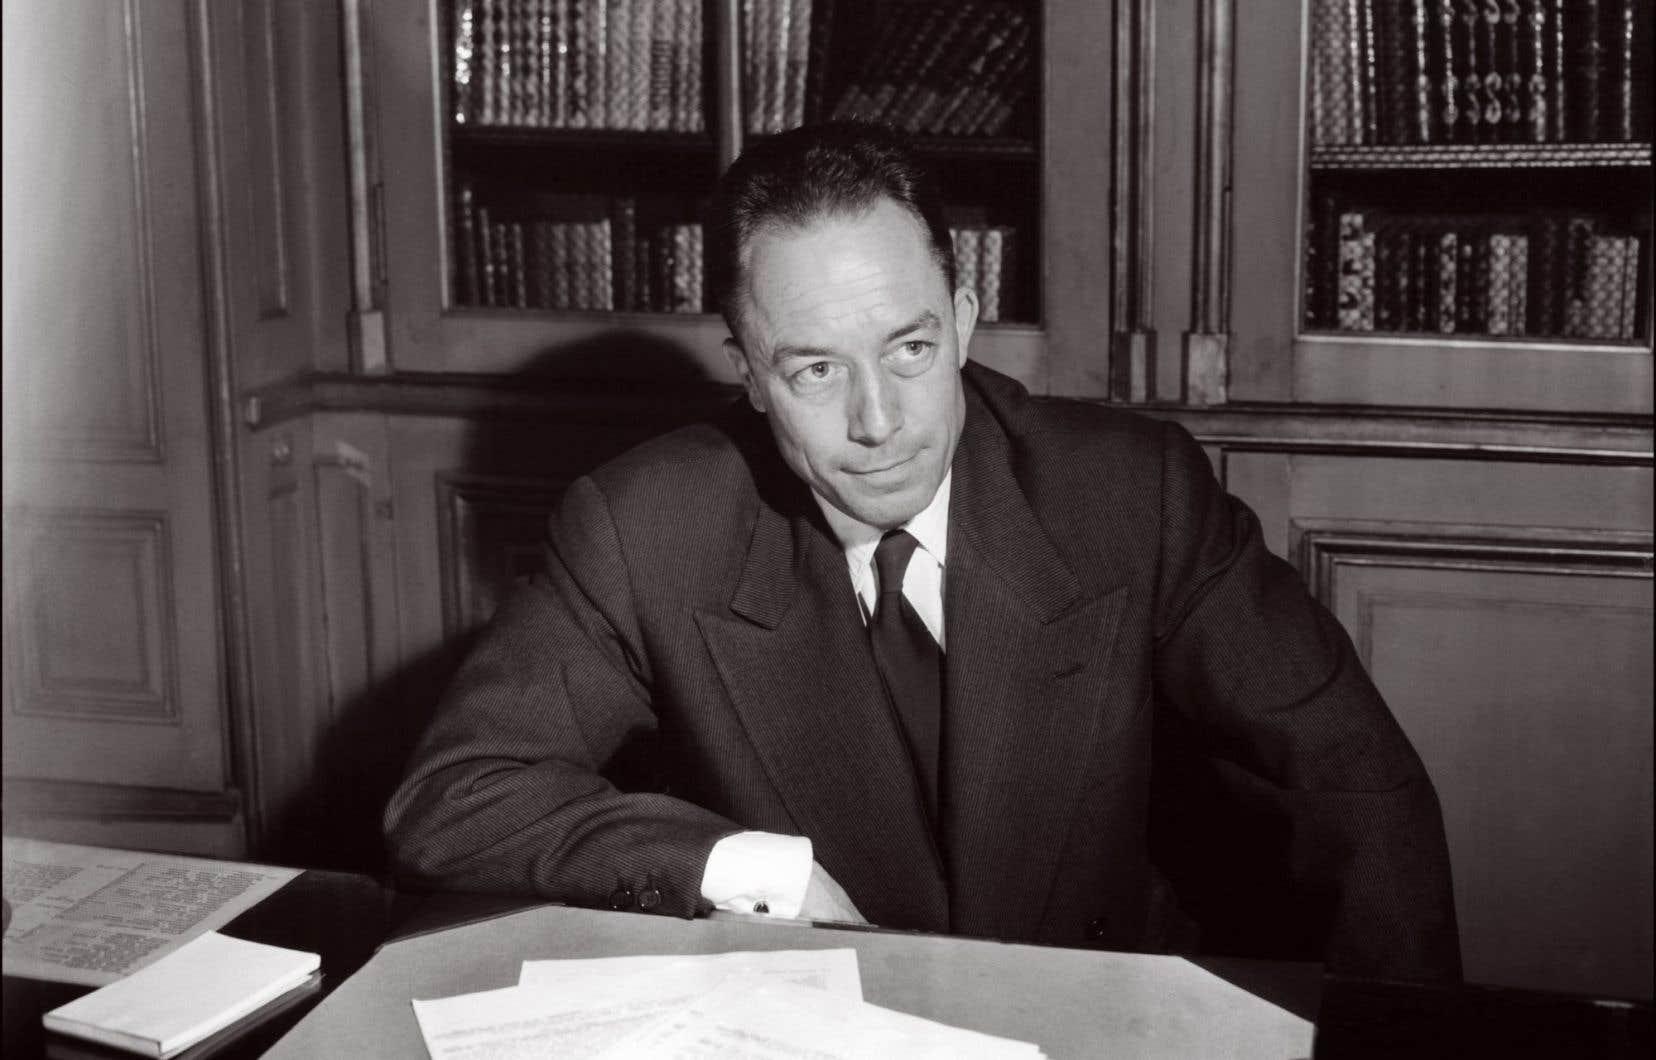 Commençant par «Mon cher Sartre», la lettre autographe signée Albert Camus (notre photo) se termine par «Je vous serre la main».